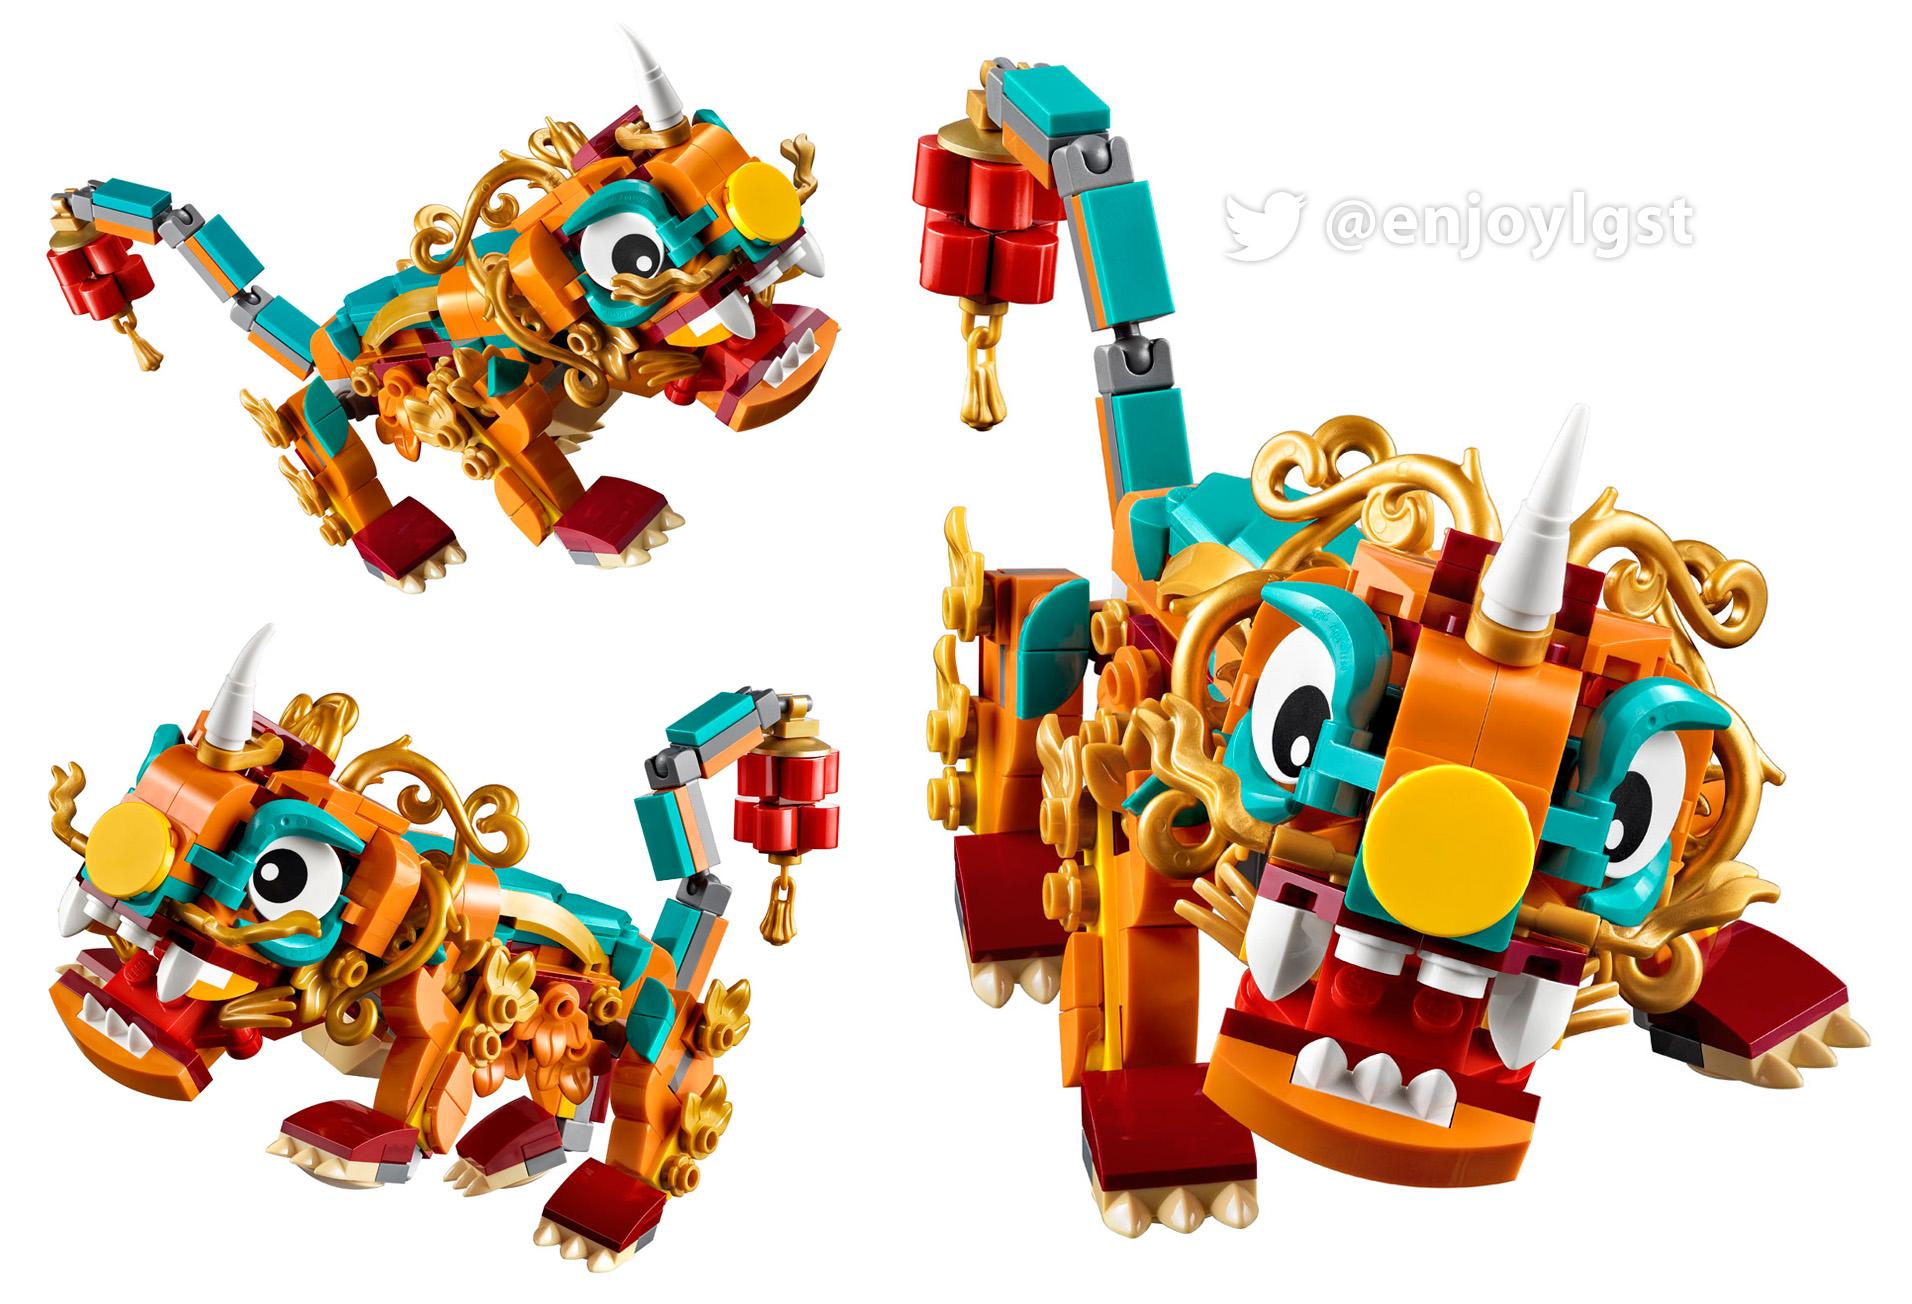 レゴ中国シリーズ新製品発表!2021年は4セット発売(2021)